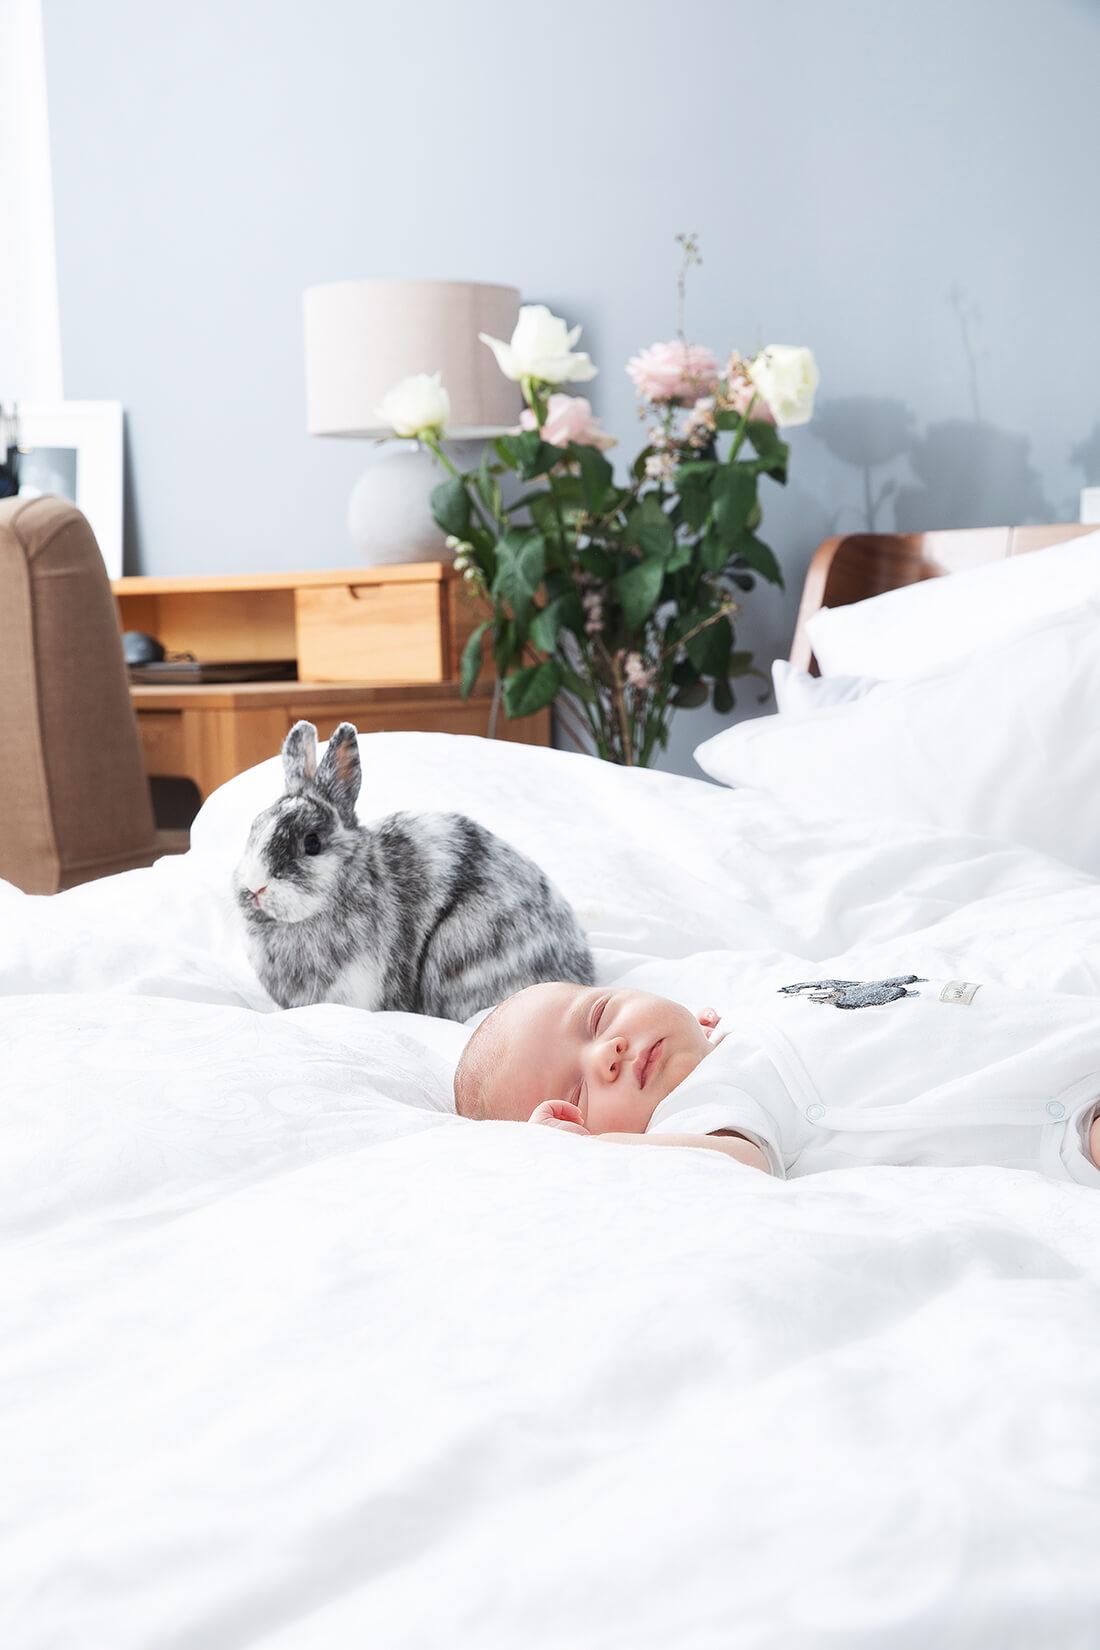 Baby mit Kaninchen © Miriam Ellerbrake / Little Monkey 2019